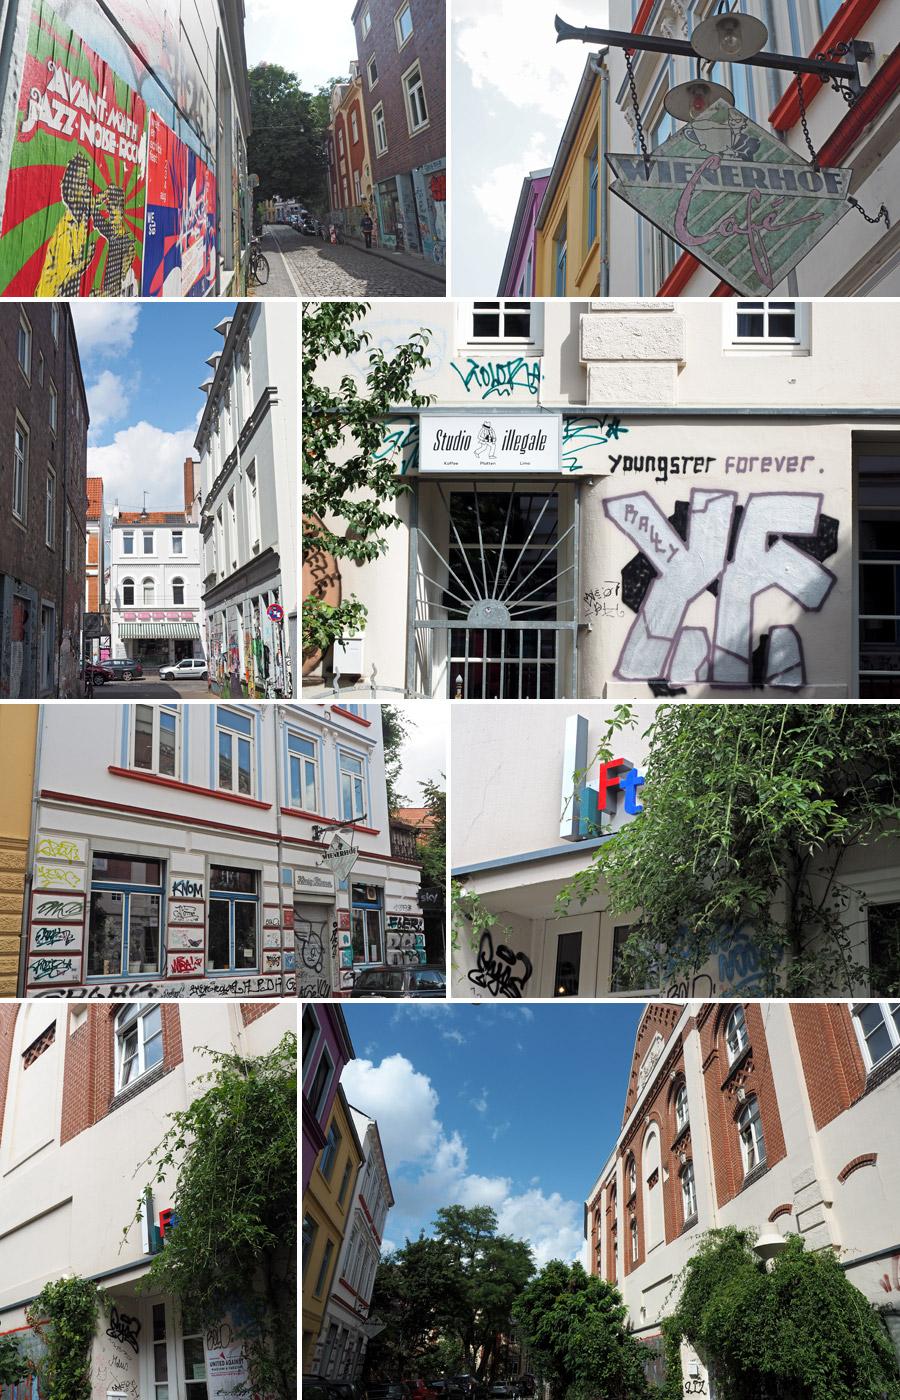 Stammkneipe, Internetcafé, Bar und Plattenladen: in der Weberstraße knäult sich Viertelkultur auf engstem Raum.